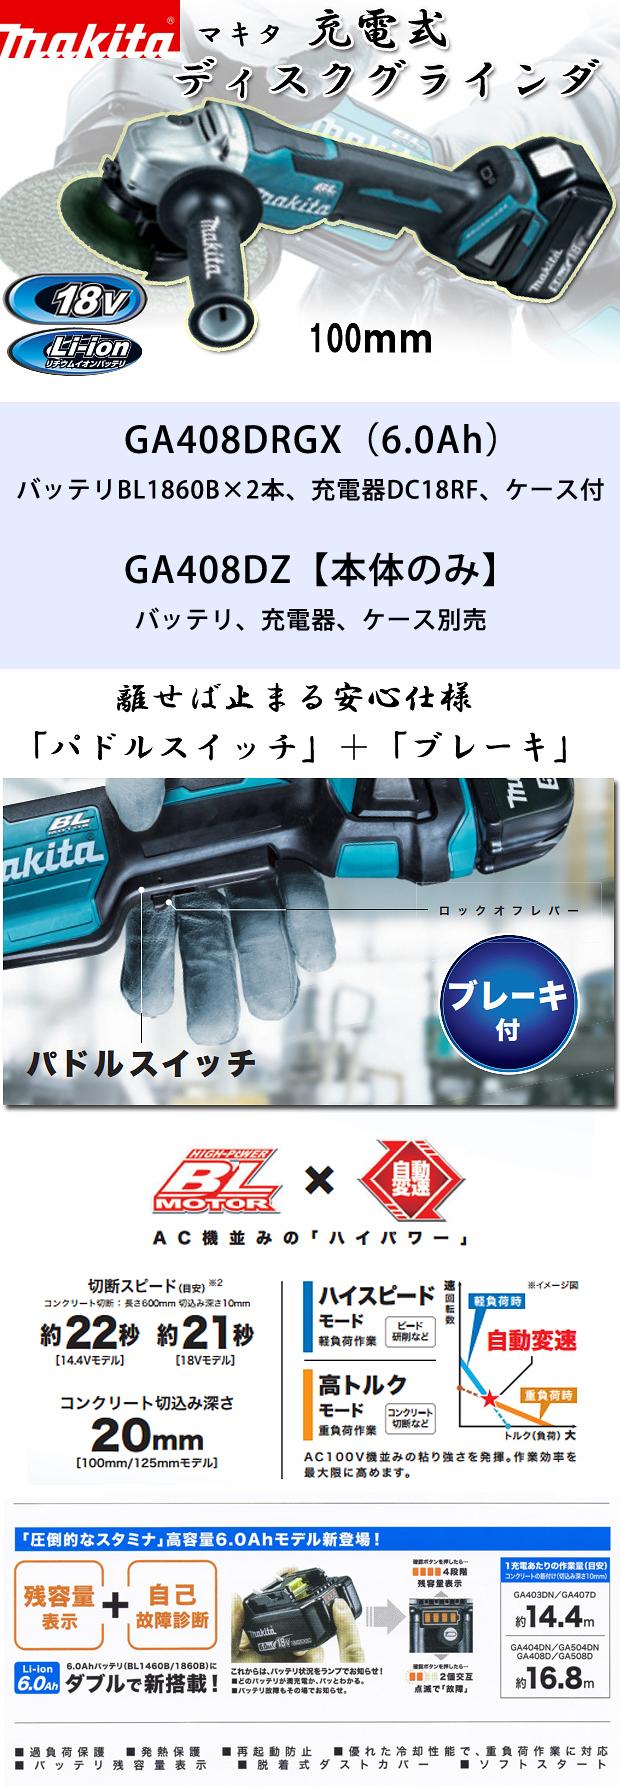 マキタ 18V 充電式ディスクグラインダ100mm GA408D